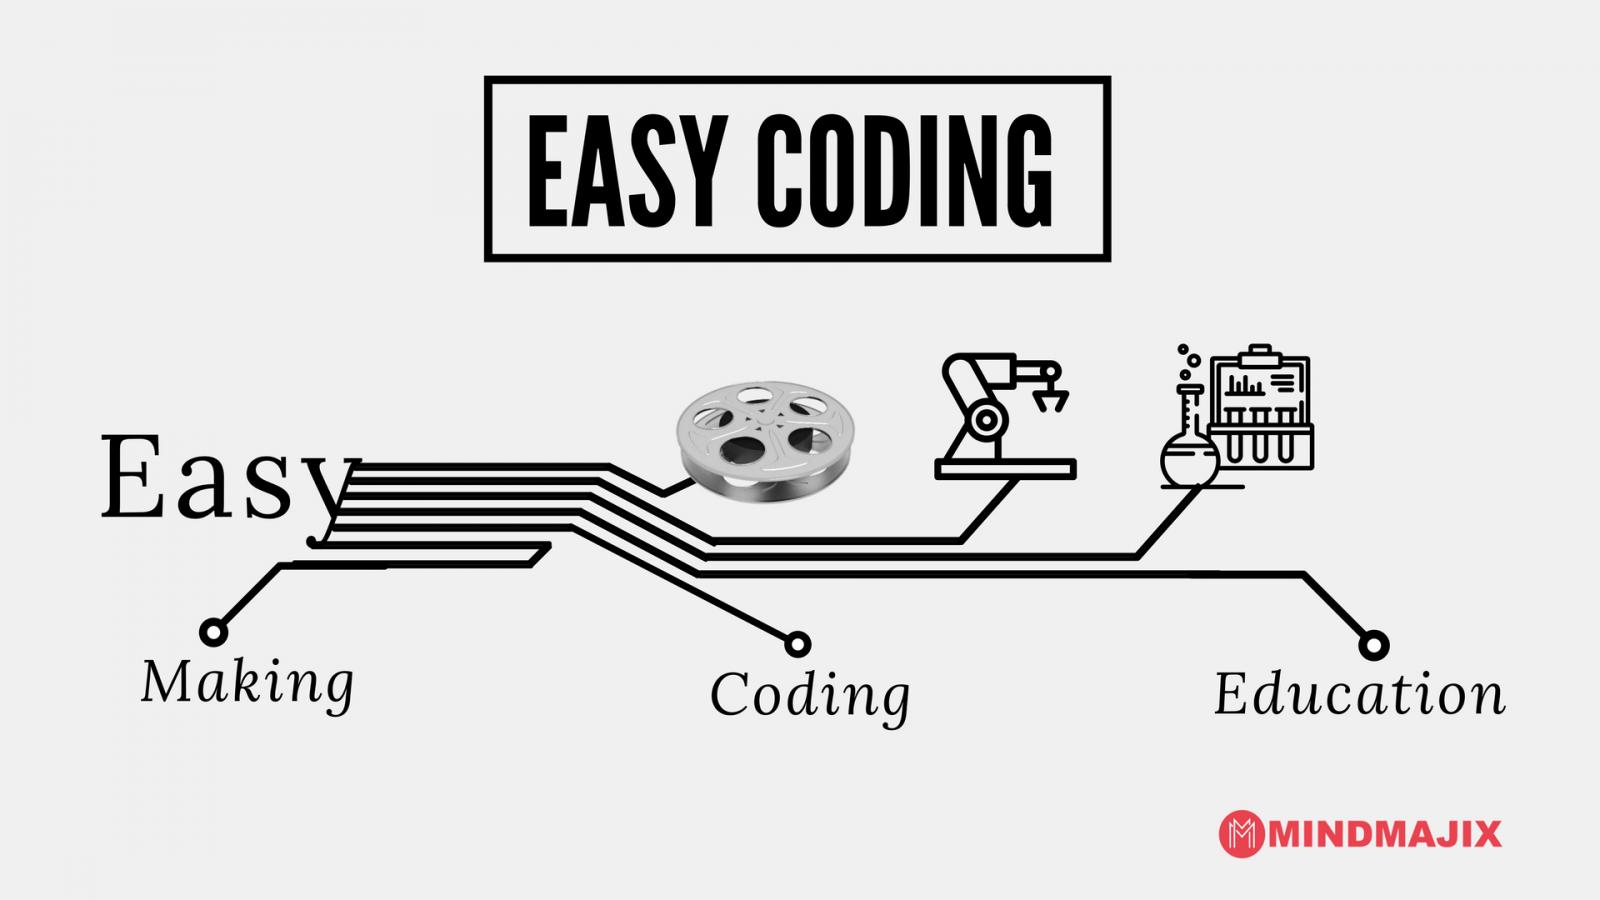 Easy Coding